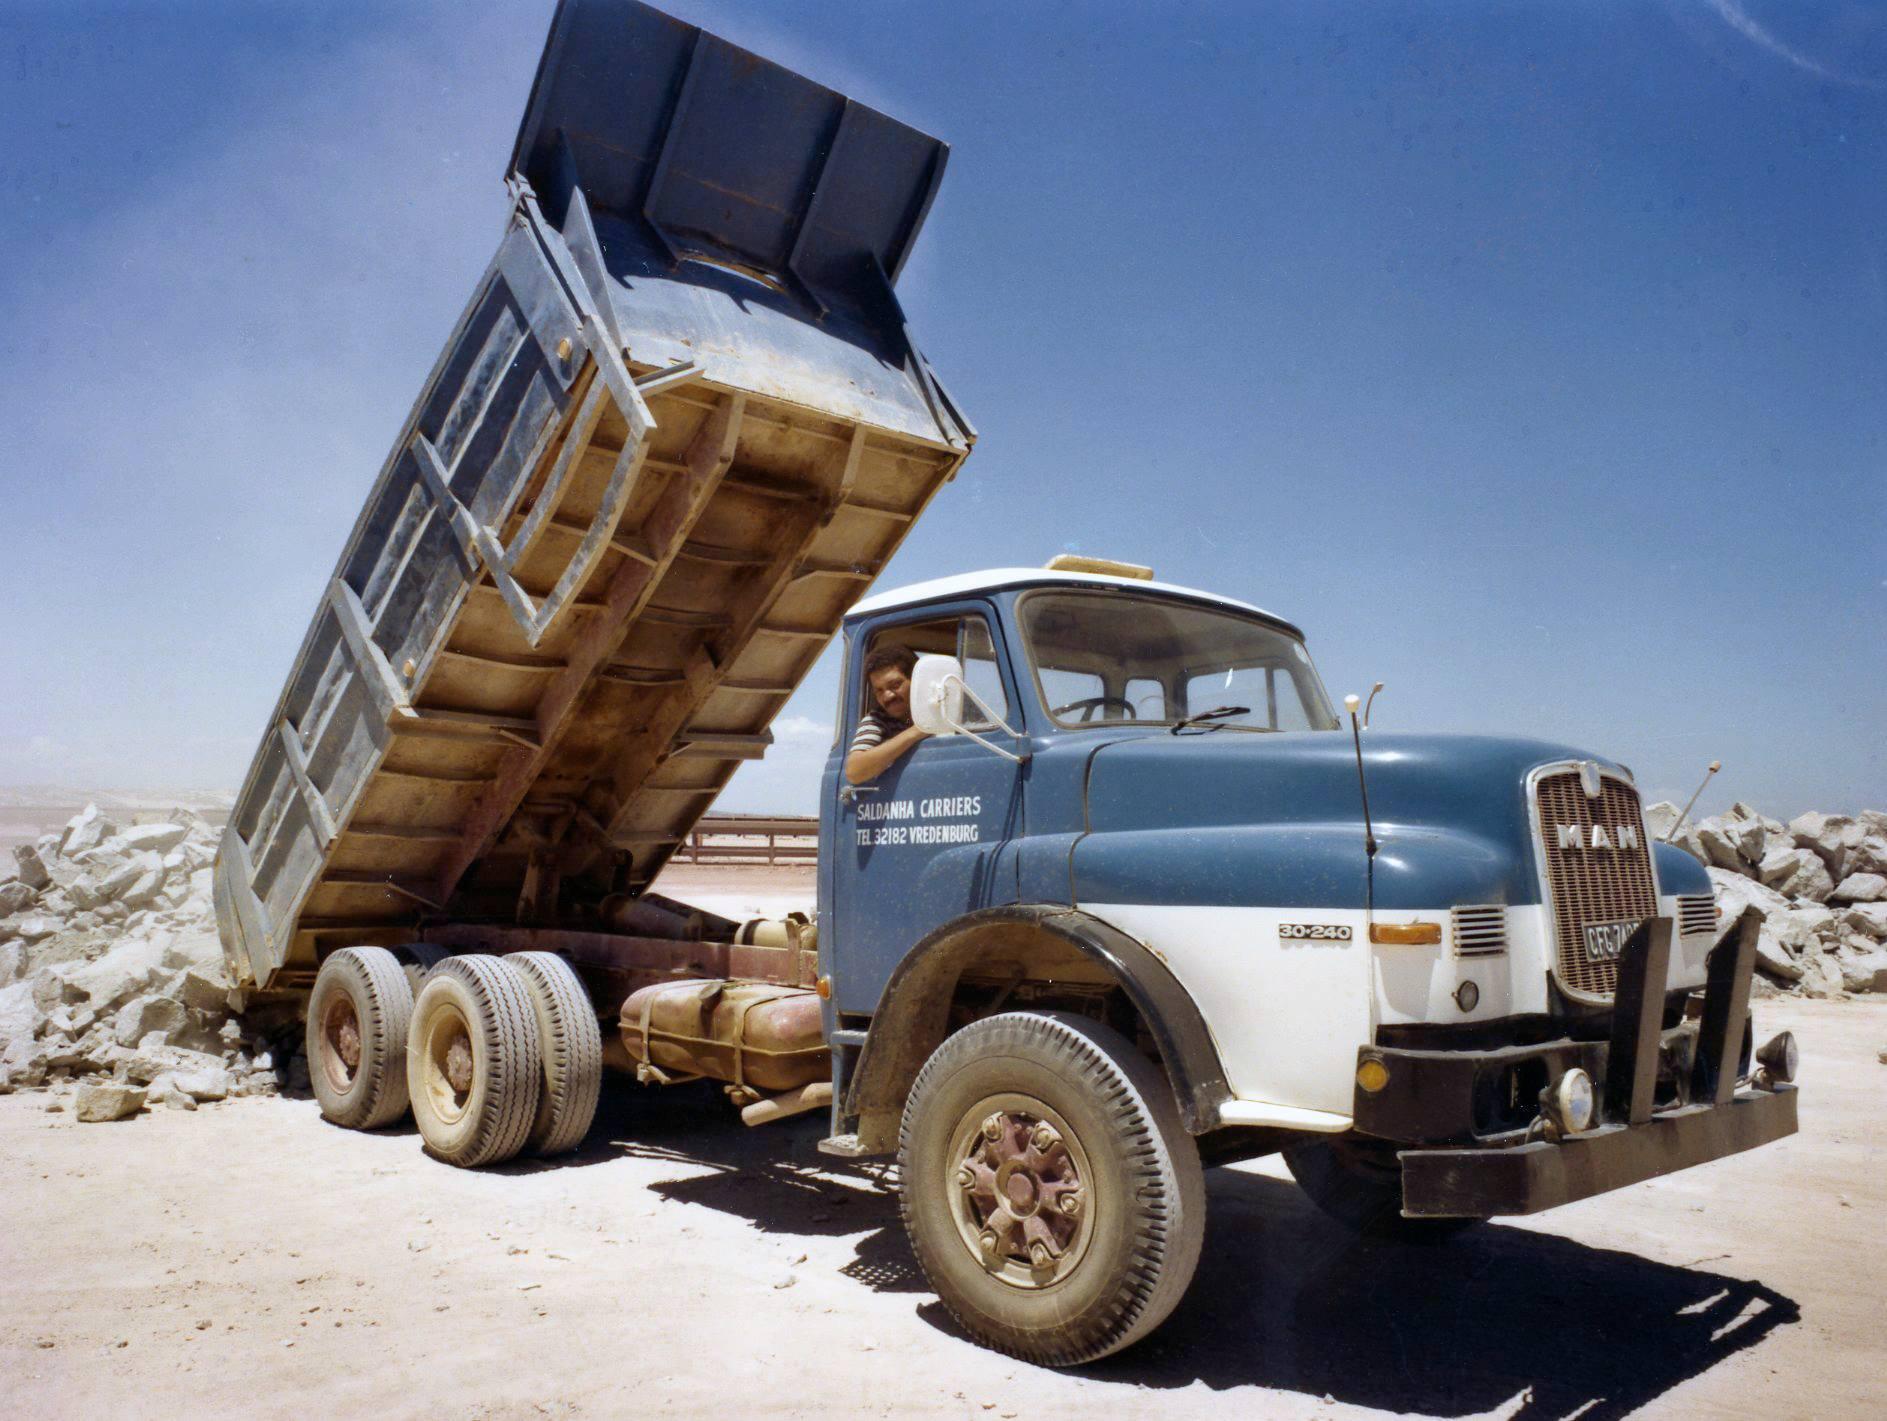 MAN-30-240-1980